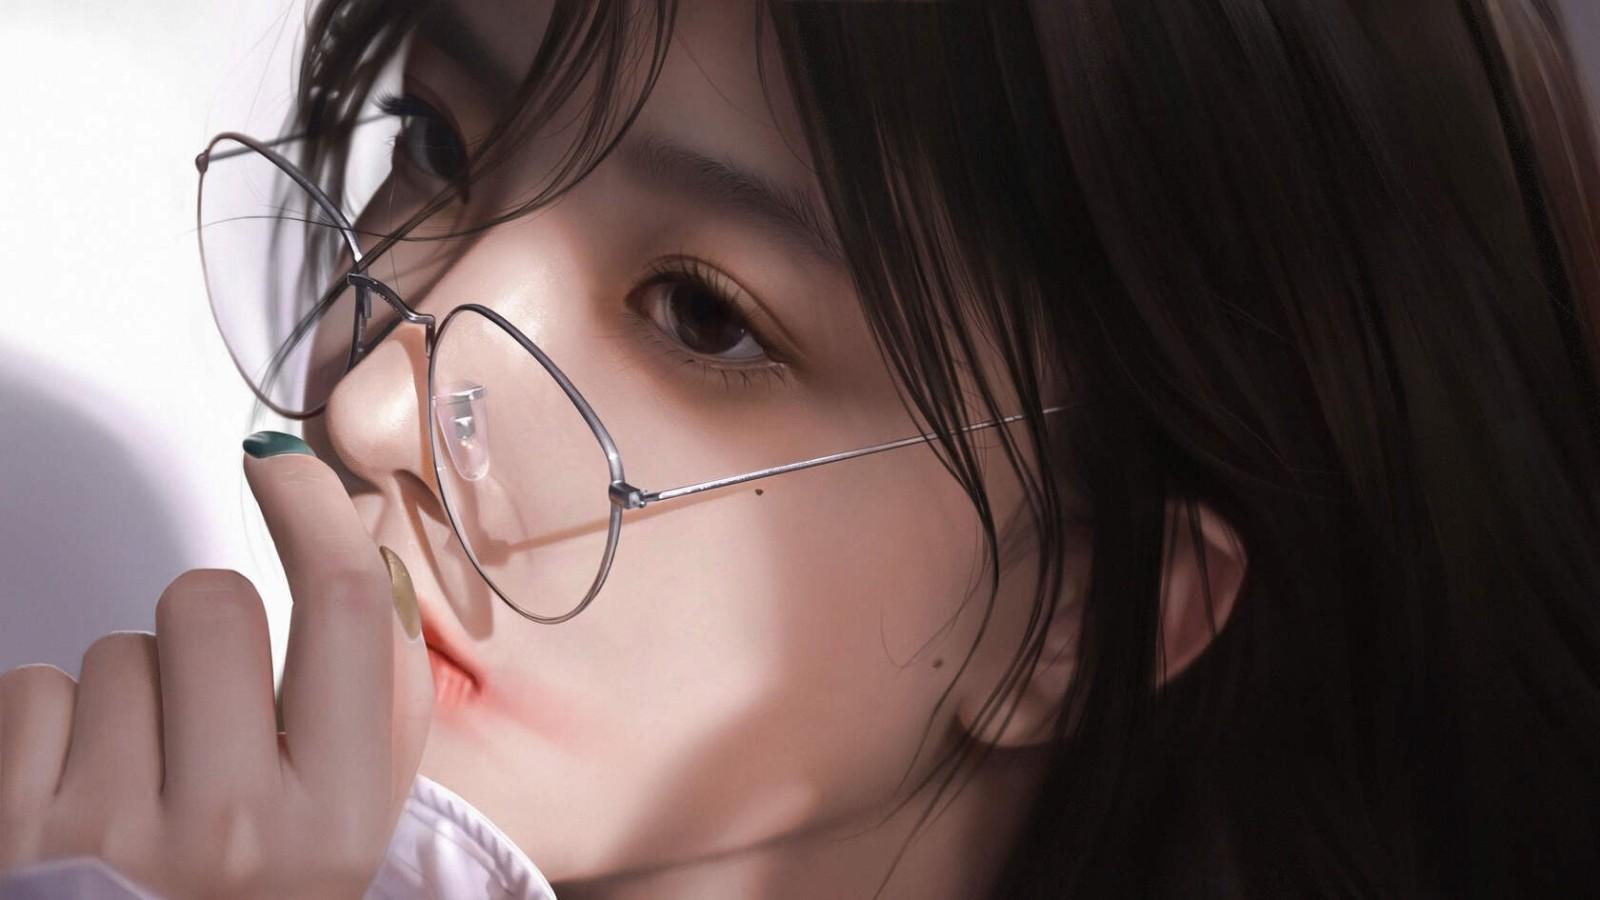 很逼真的戴眼镜的美女肖像插画桌面壁纸